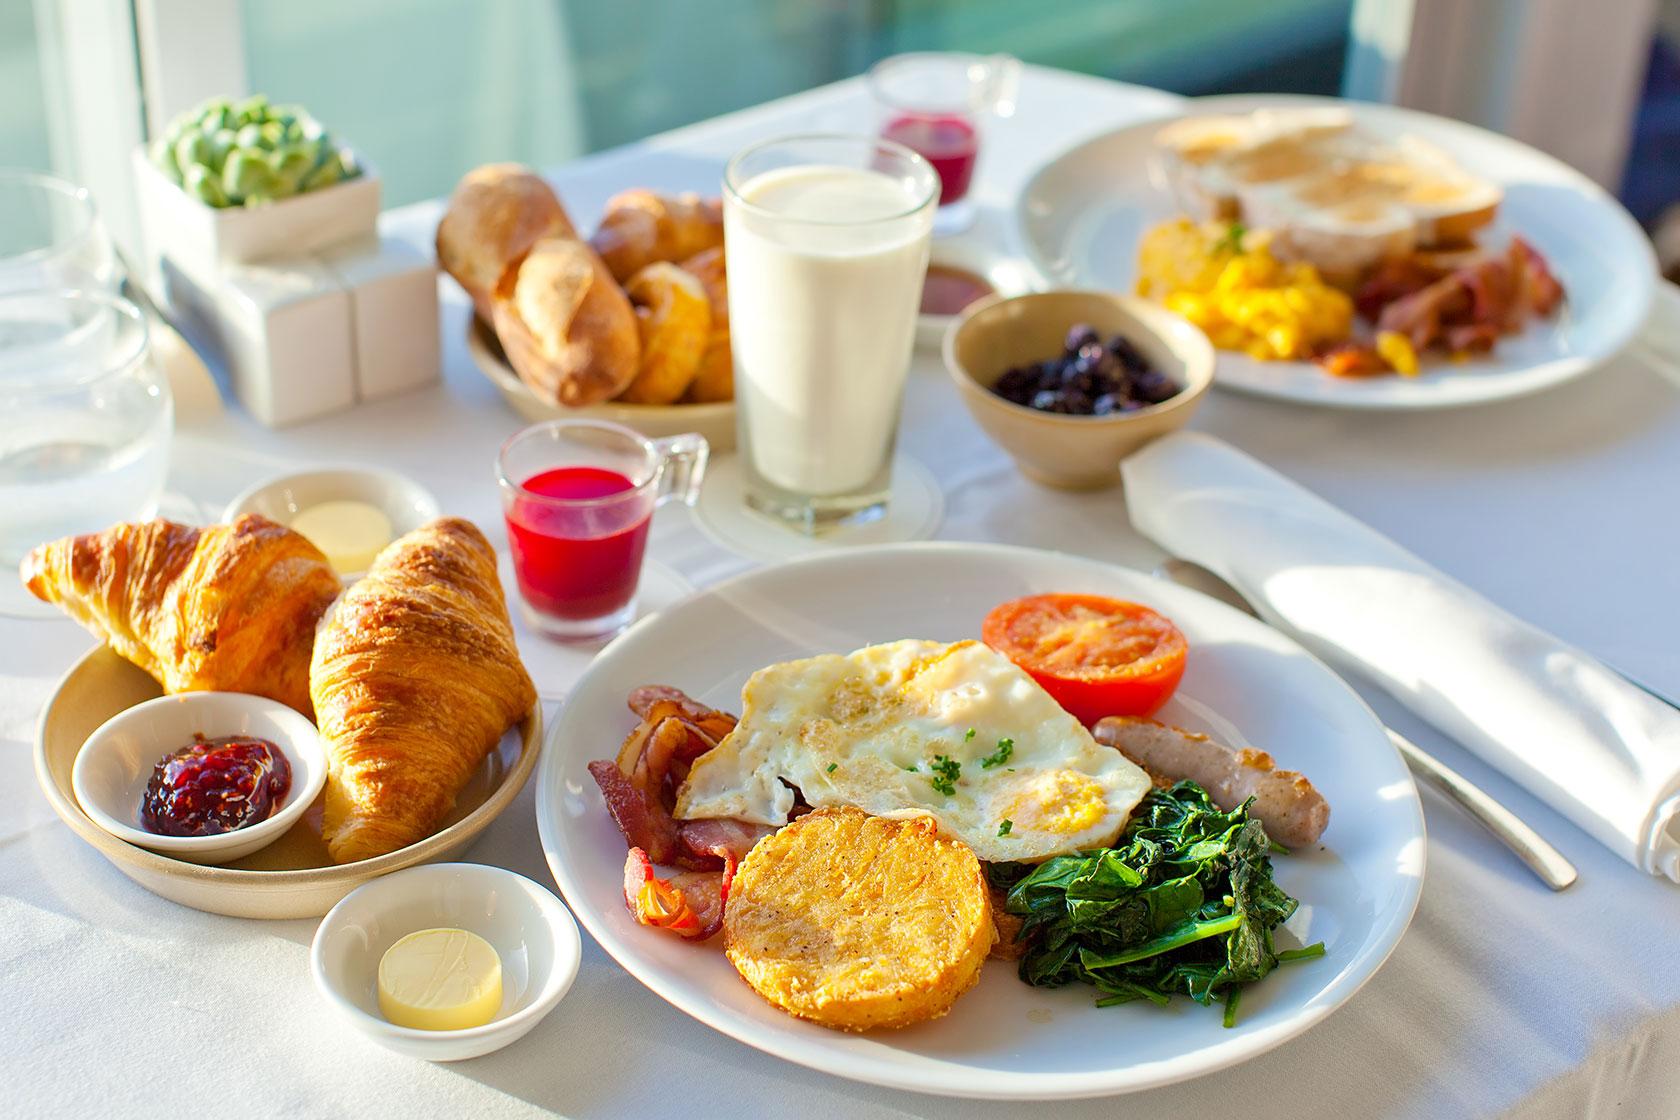 7توصیه طلایی برای کسانی که صبحانه نمی خورند